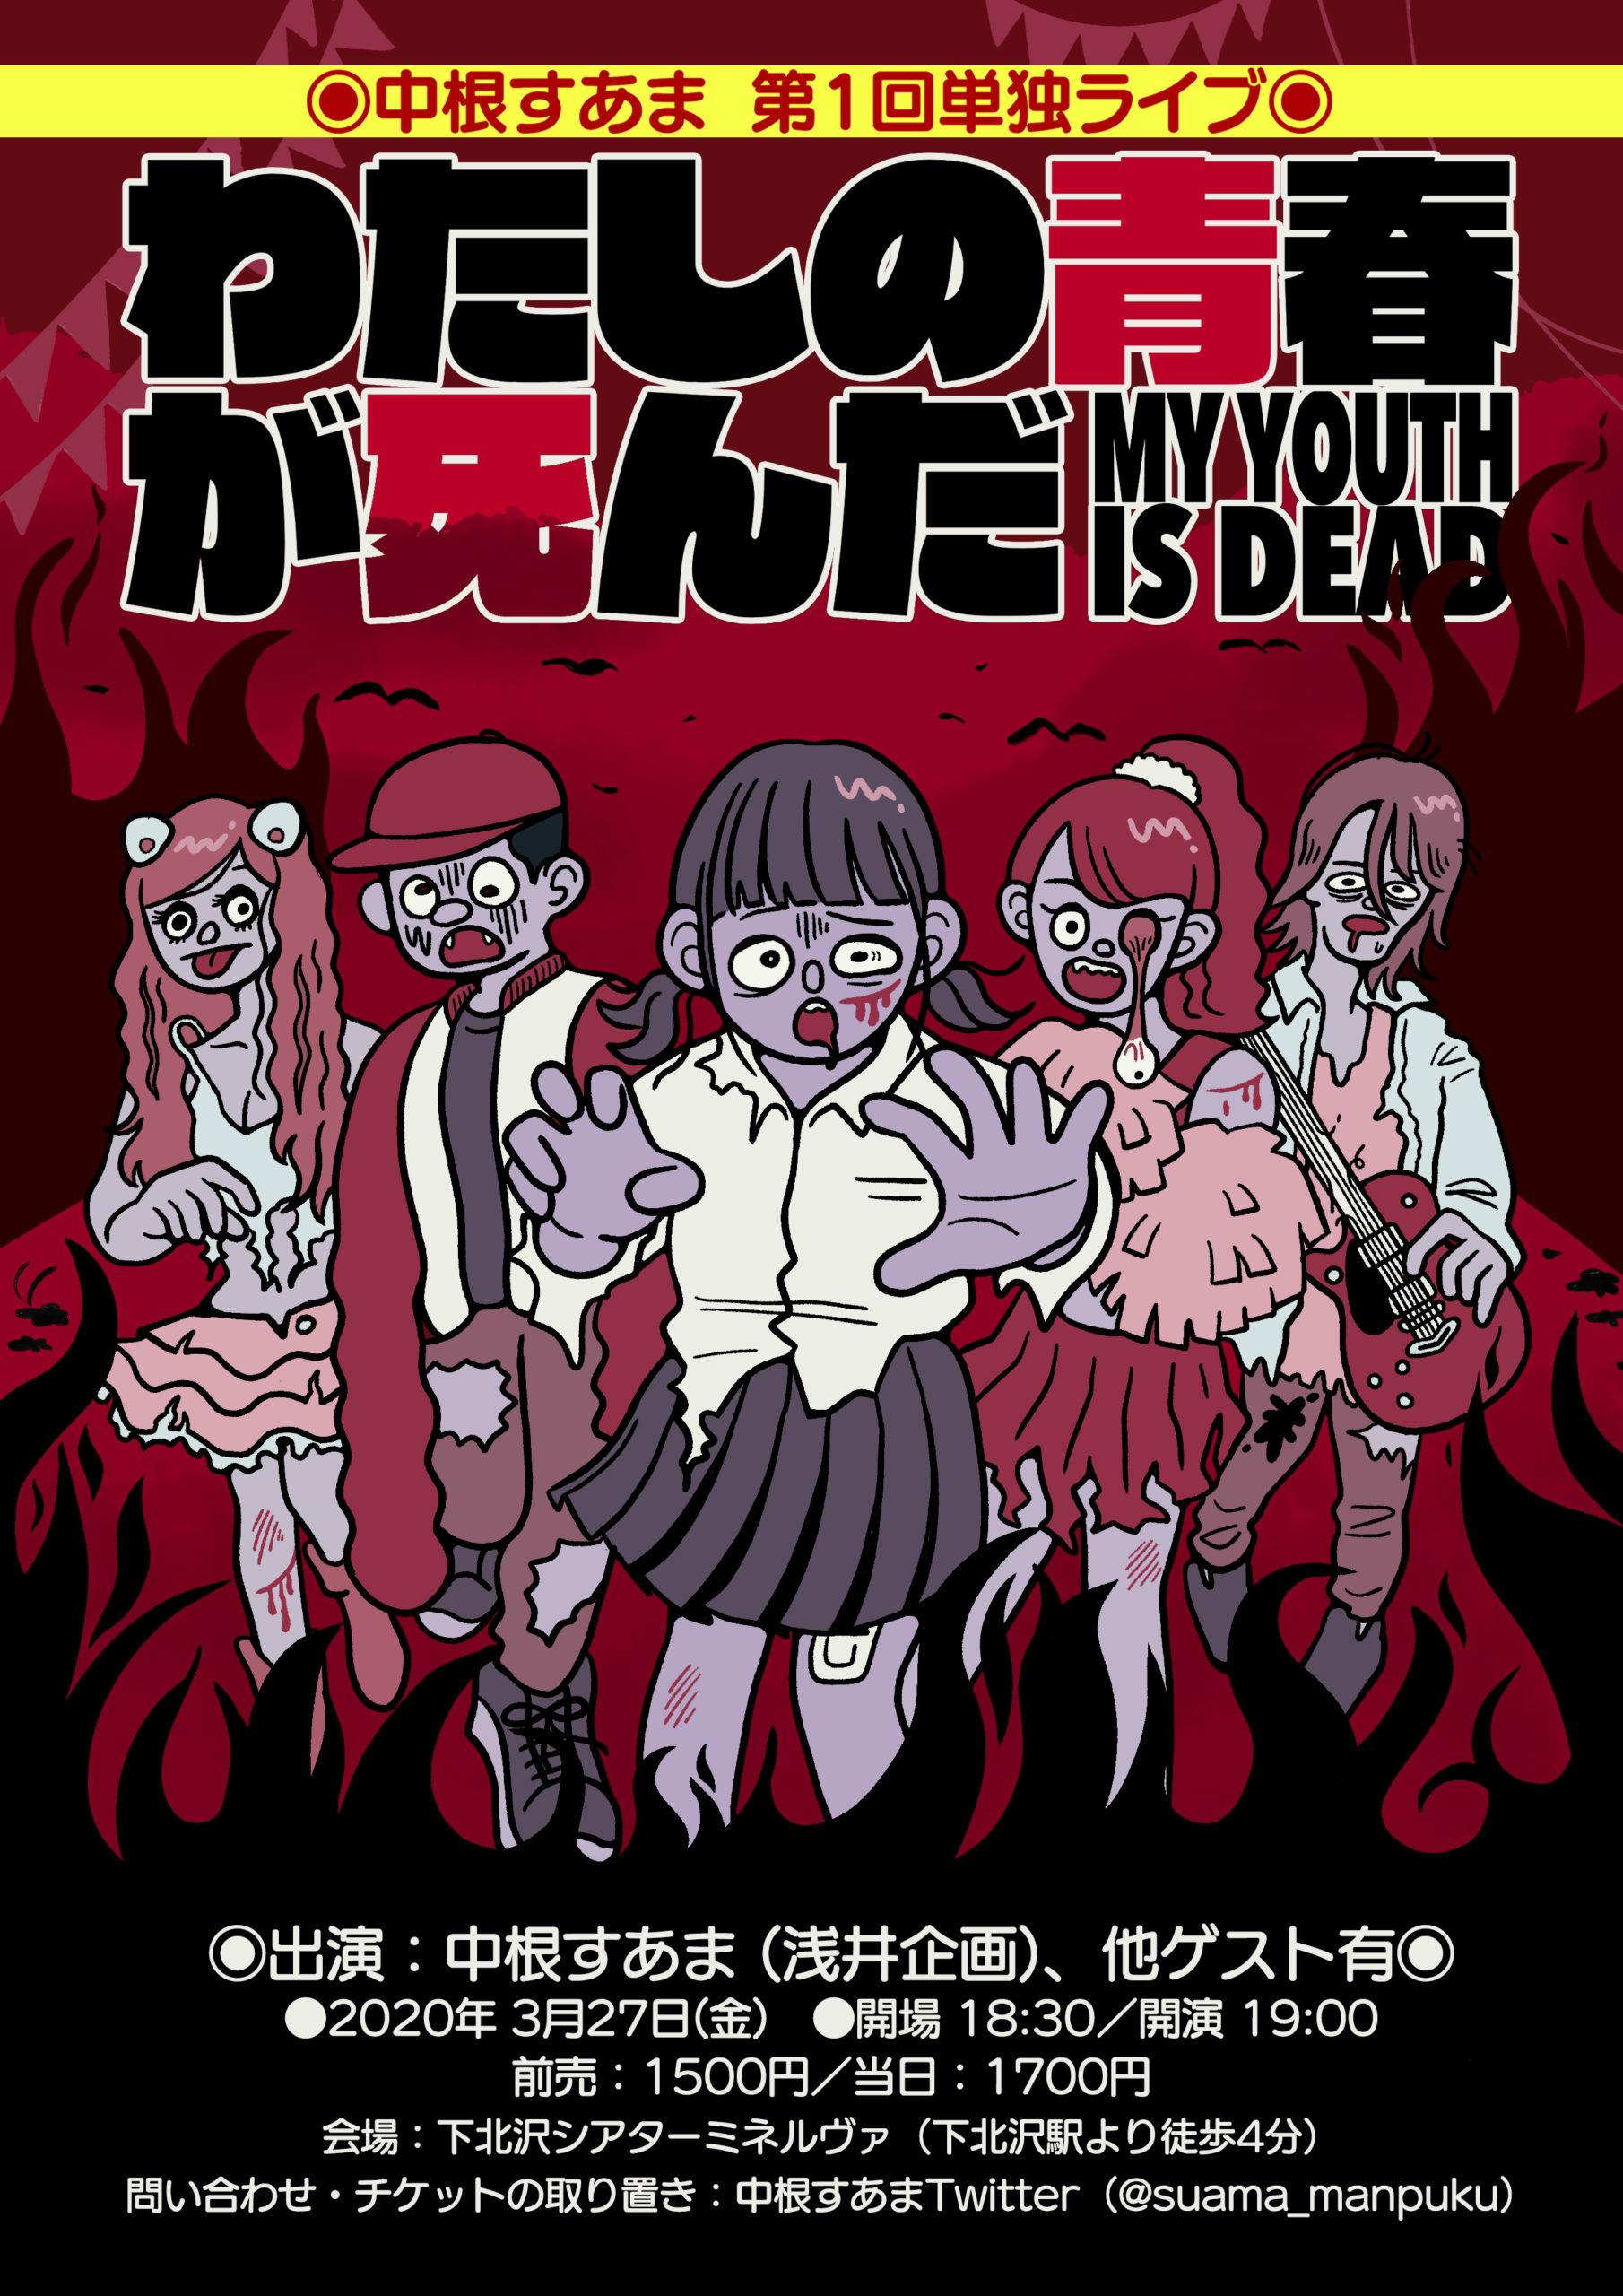 浅井企画所属の芸人・中根すあまさんの初単独ライブのフライヤーを制作させていただきました。